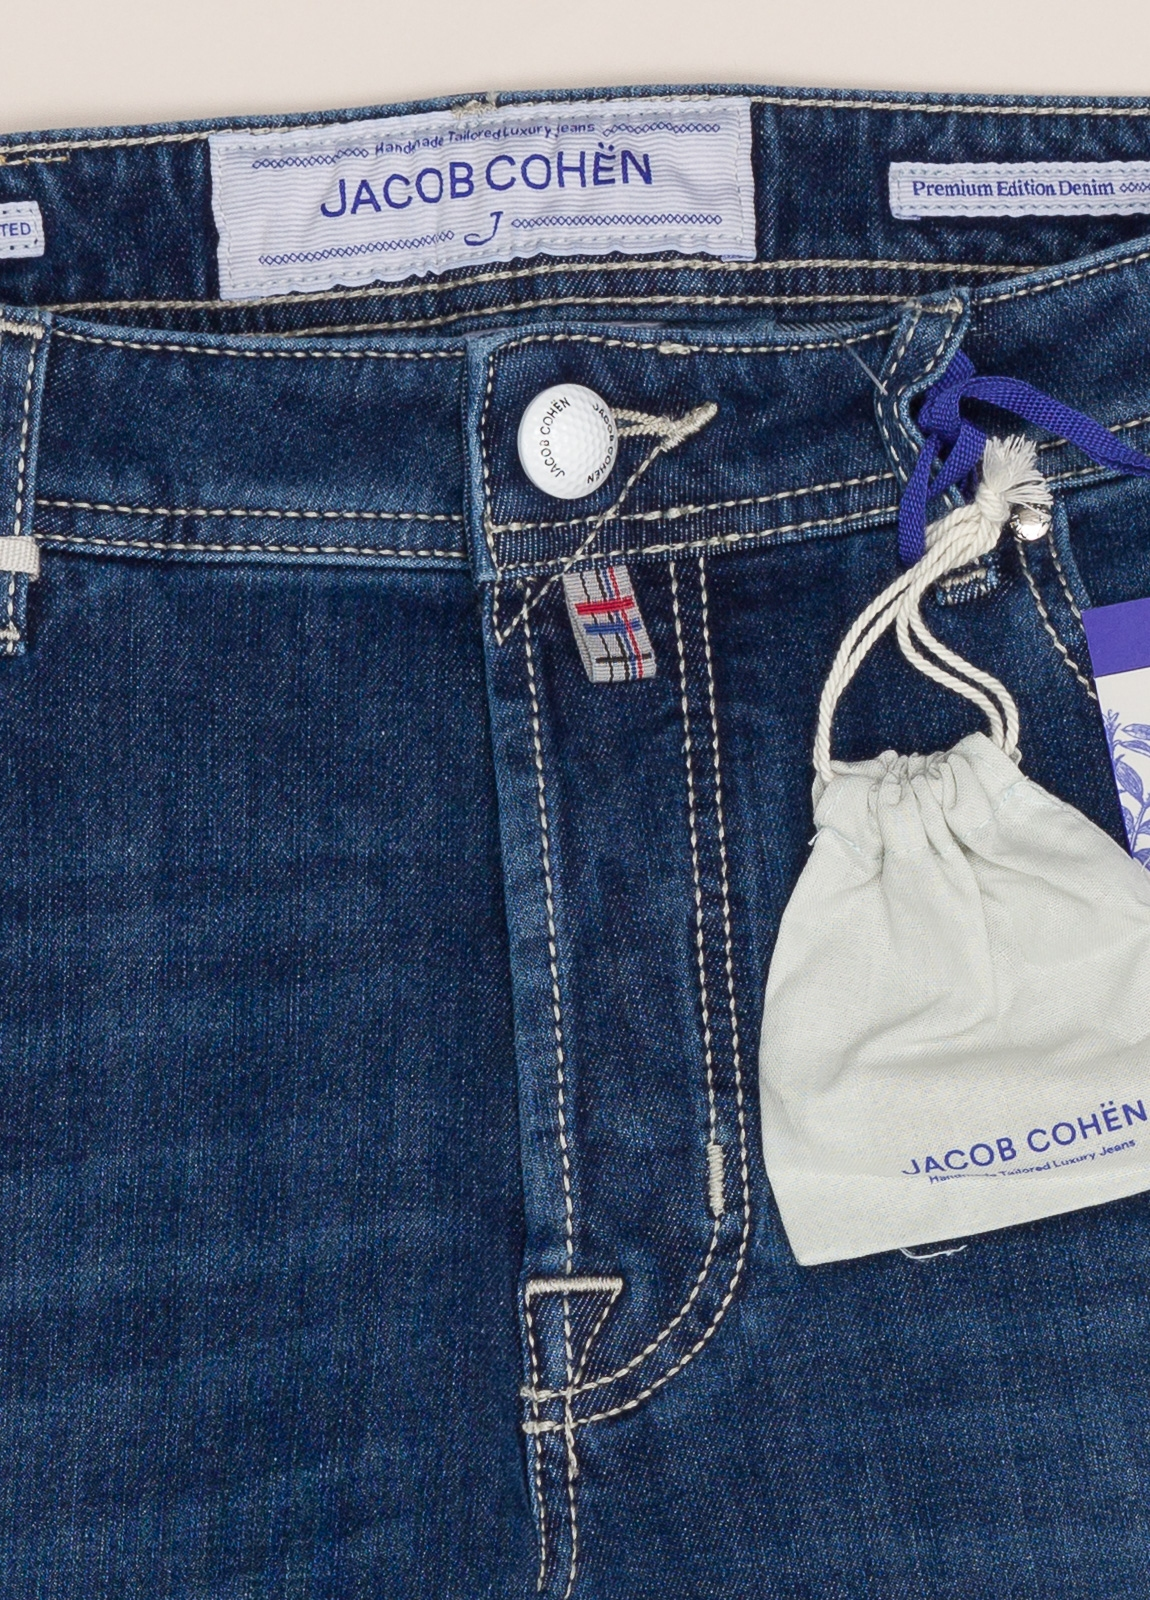 Pantalón tejano JACOB COHEN azul oscuro - Ítem2